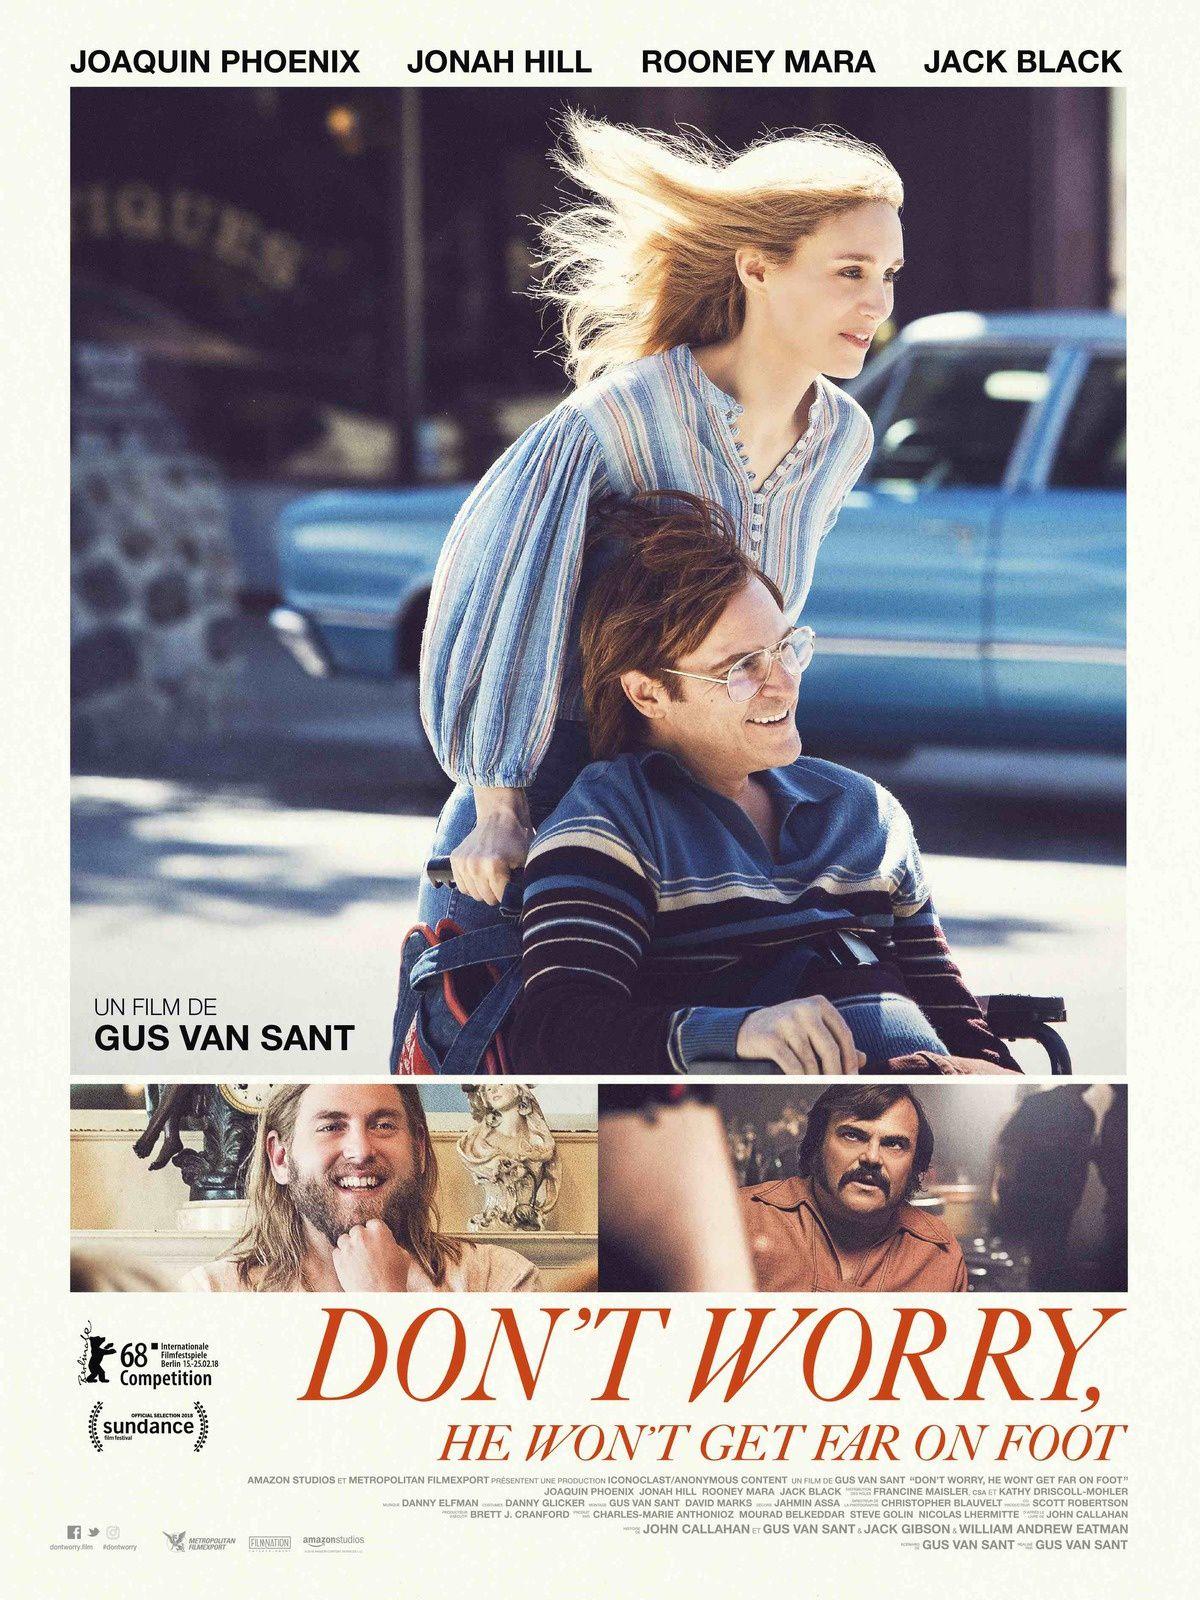 DON'T WORRY, HE WON'T GET FAR ON FOOT réalisé par Gus Van Sant avec Joaquin Phoenix ! Le 4 avril 2018 au cinéma.